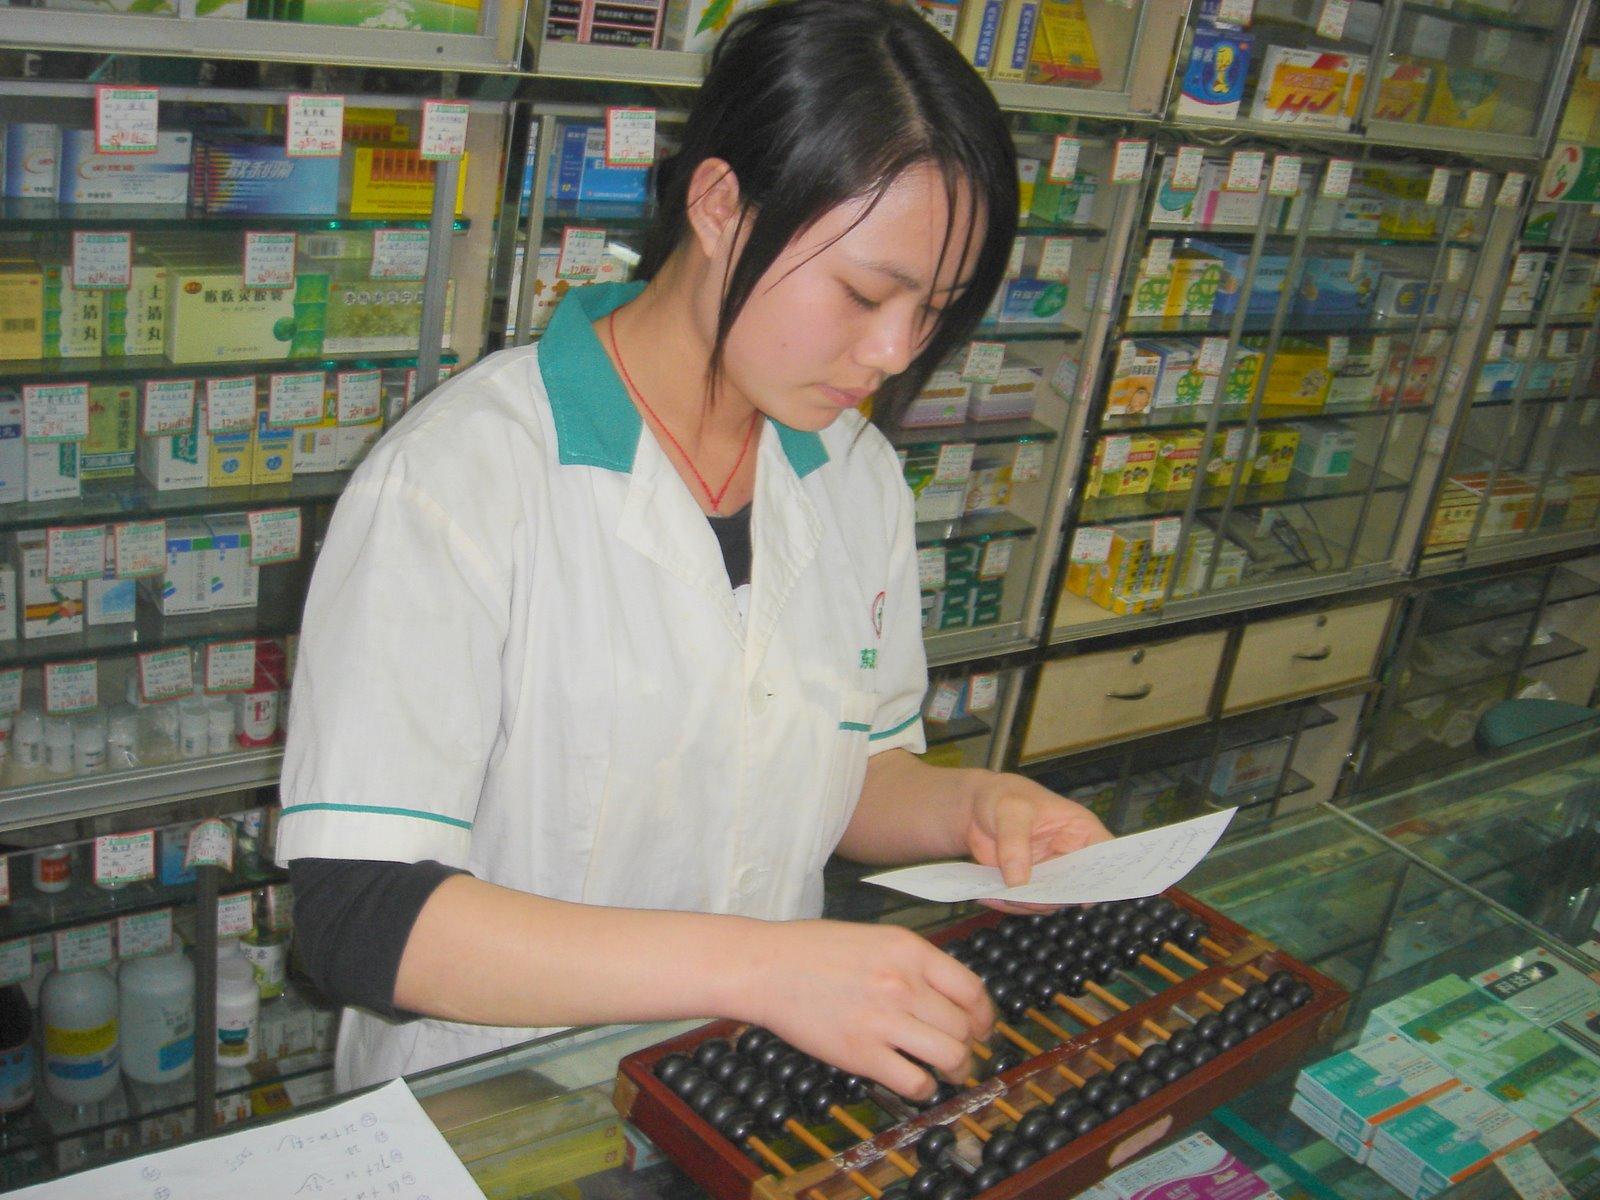 [pharmacy]